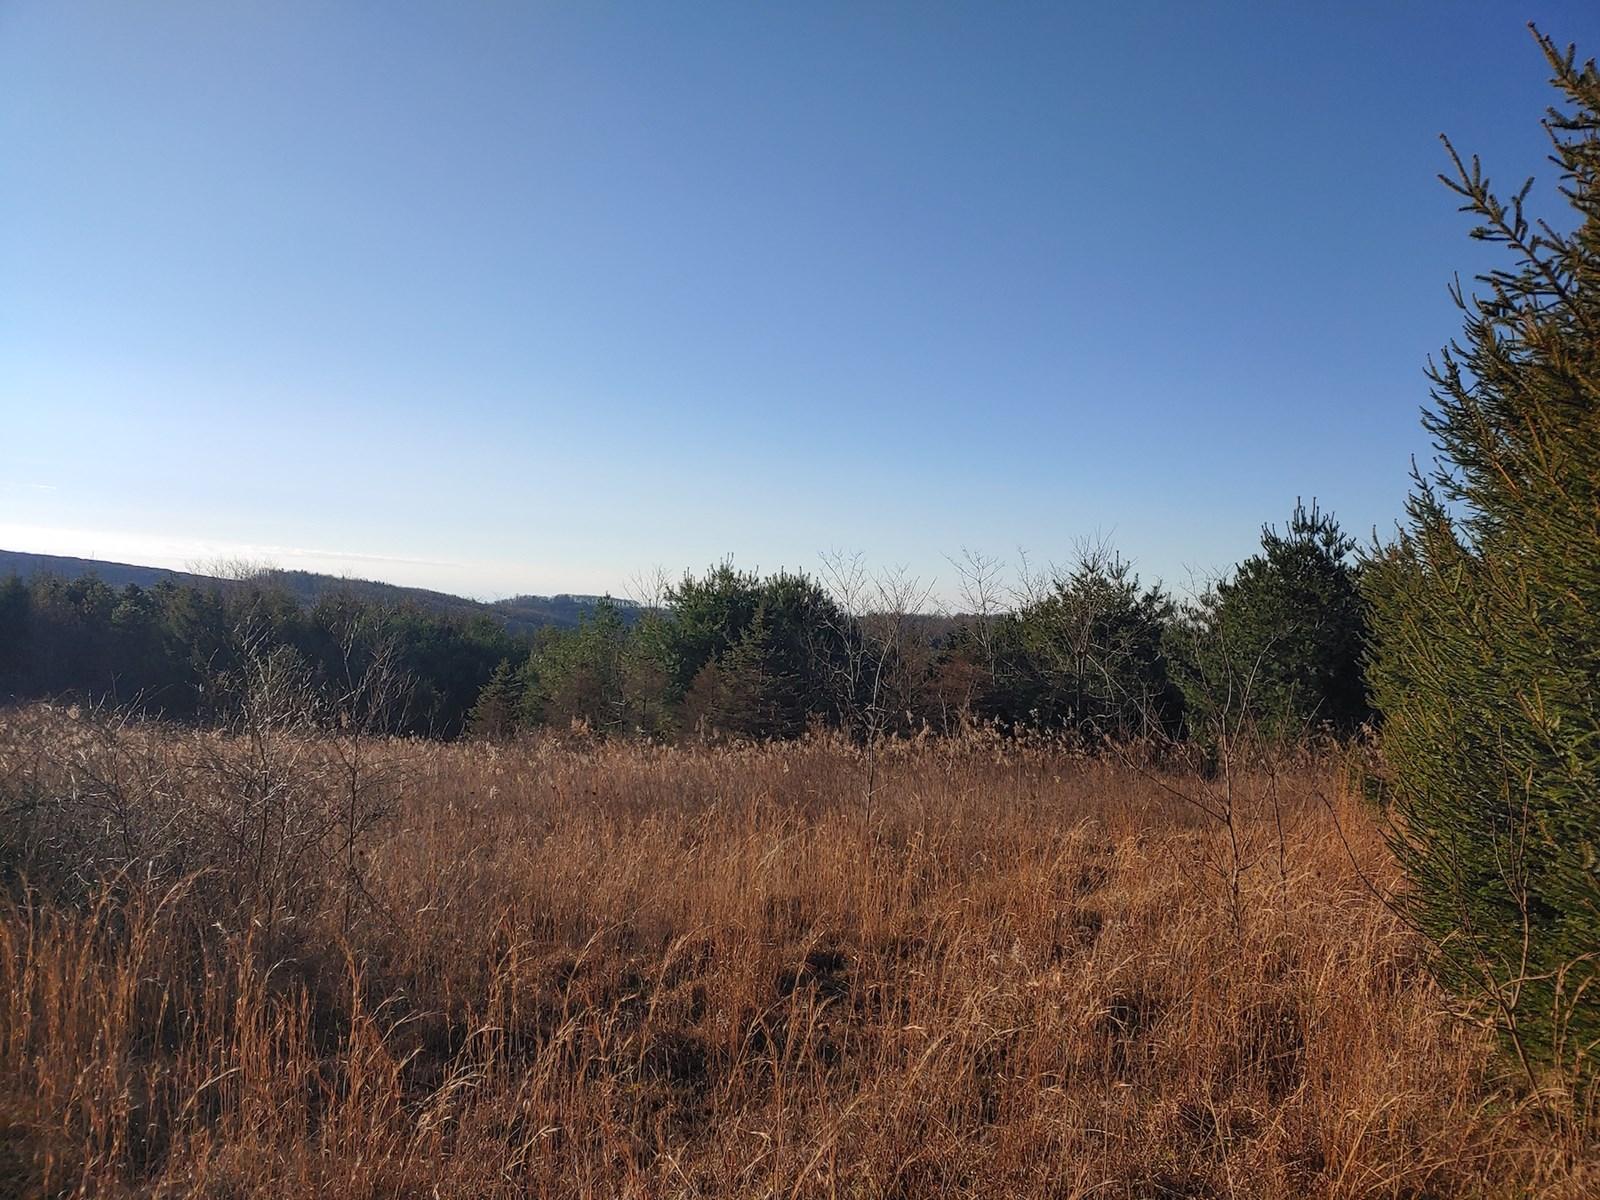 Land for Sale in Meadows of Dan VA!